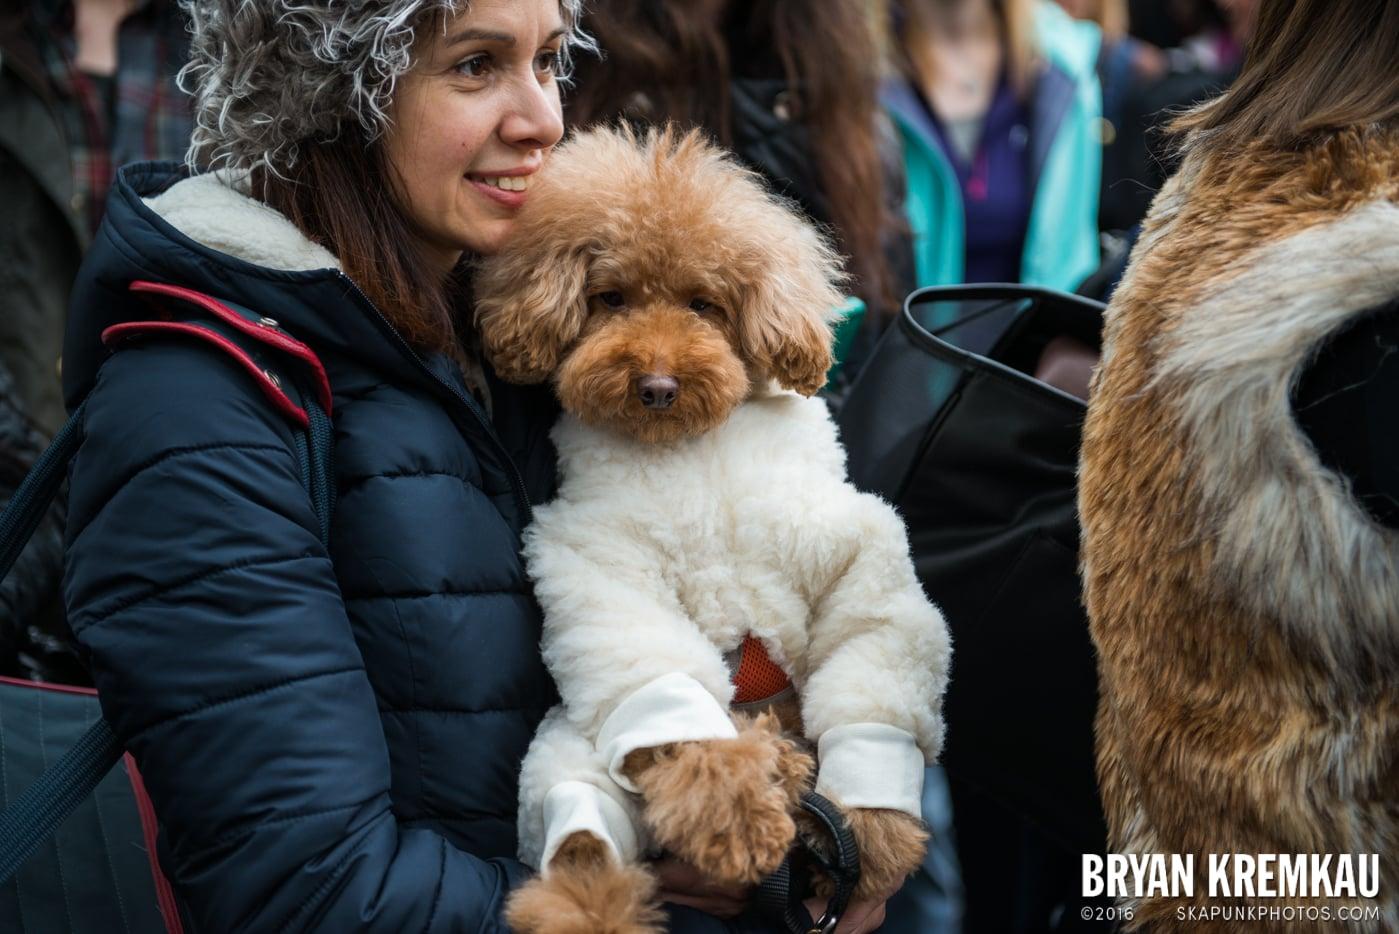 Tompkins Square Halloween Dog Parade 2015 @ Tompkins Square Park, NYC – 10.24.15 (9)